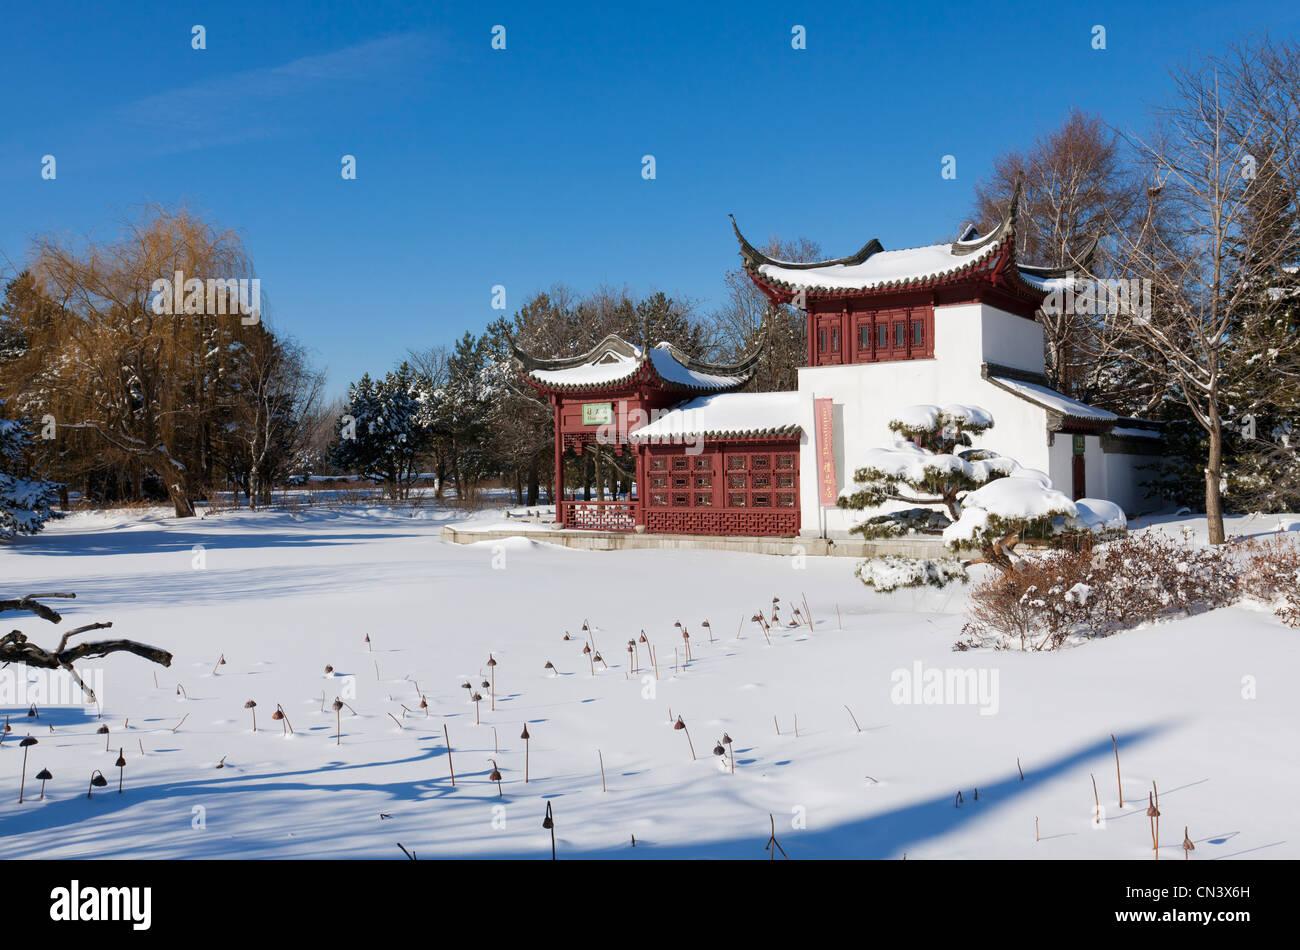 Kanada, Provinz Quebec, Montreal, der Botanische Garten in den Schnee, der chinesische Garten und Pagode Stockbild